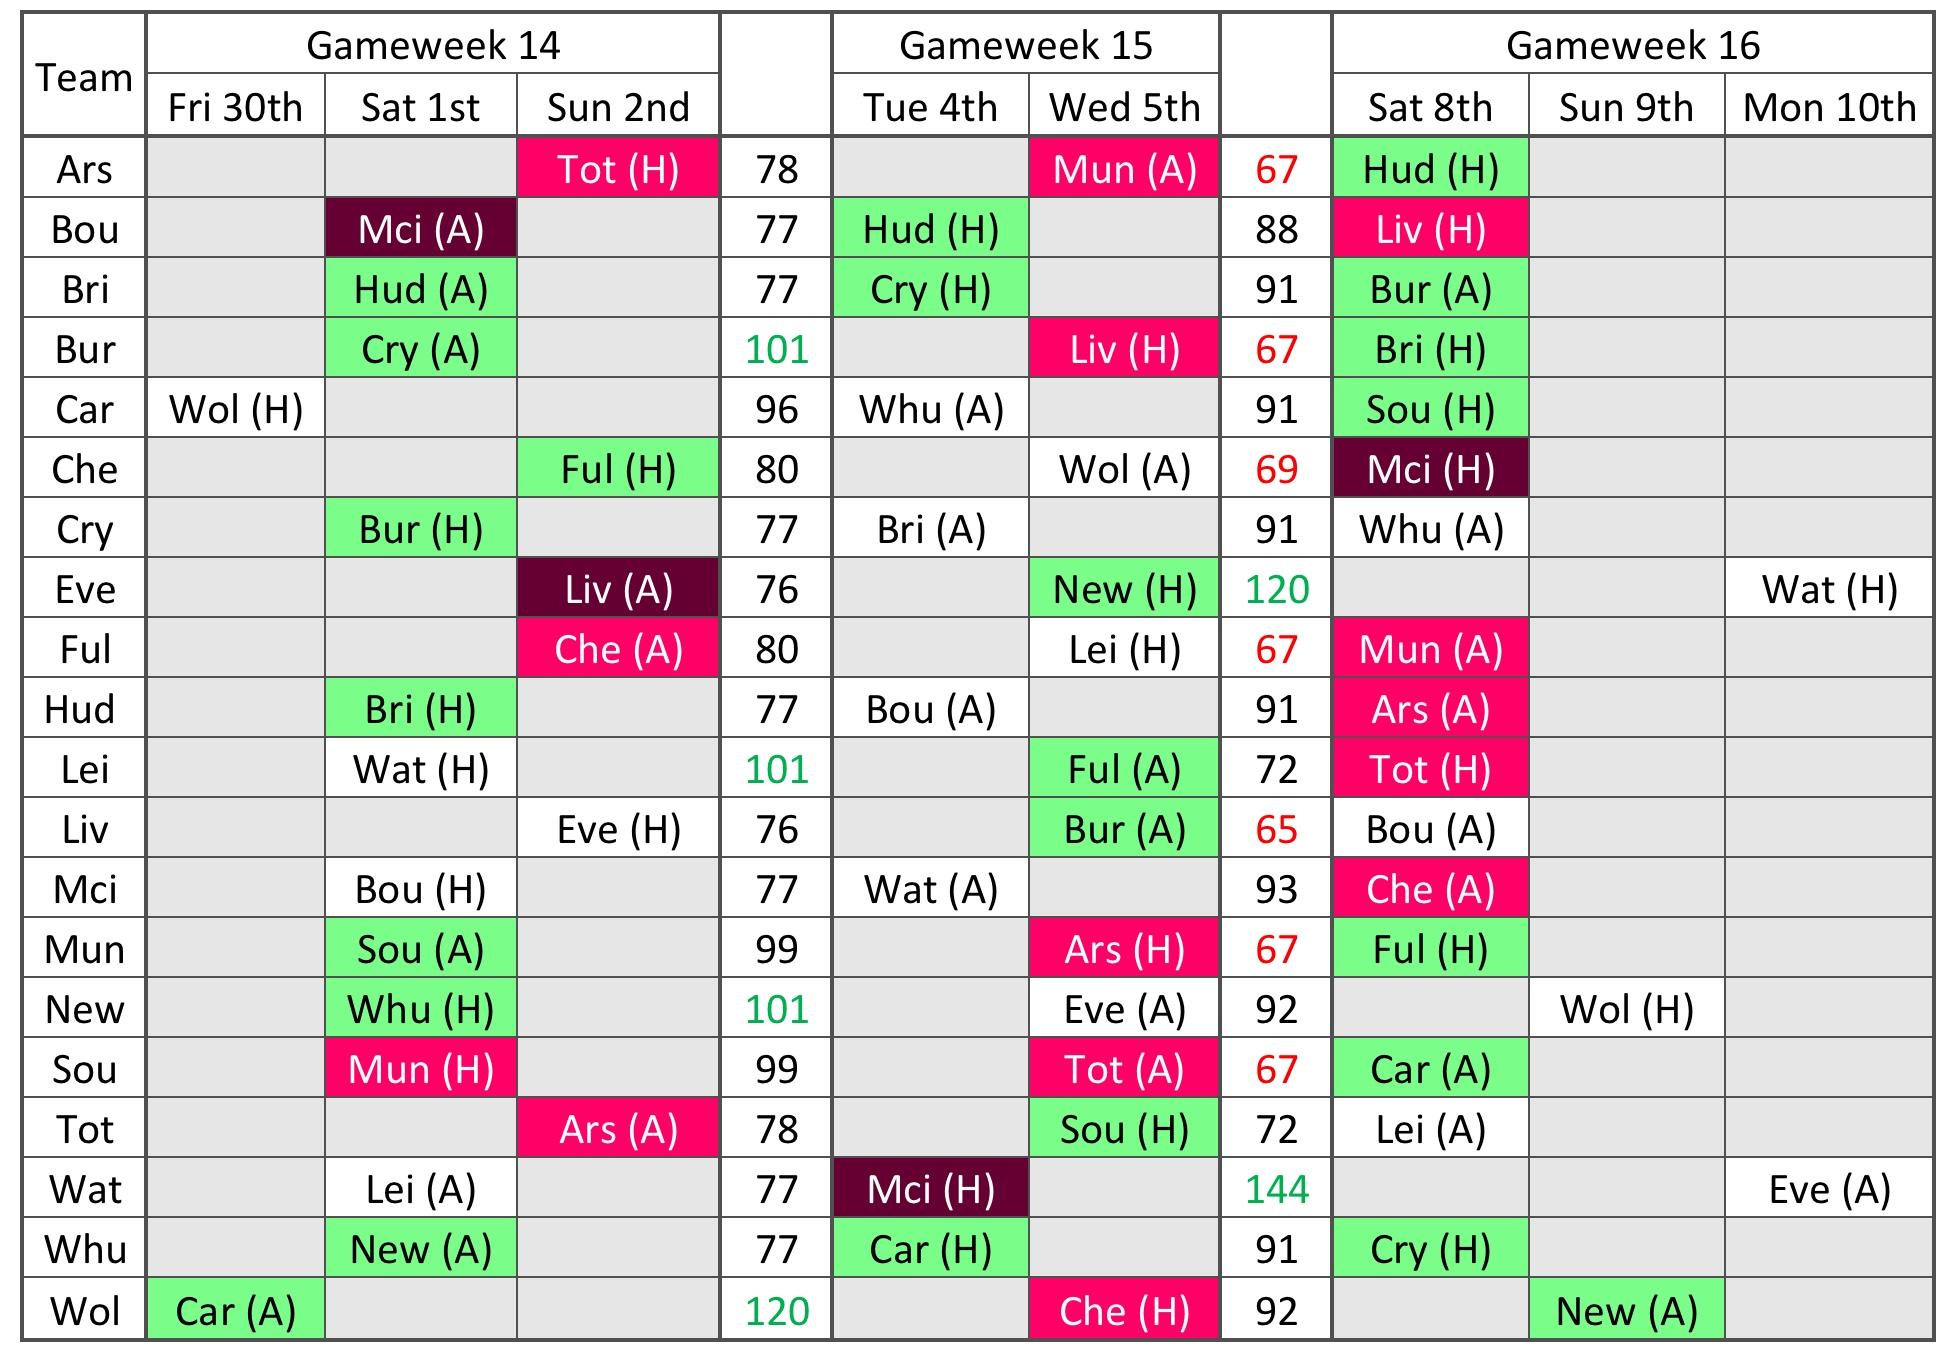 Gameweek 14 16